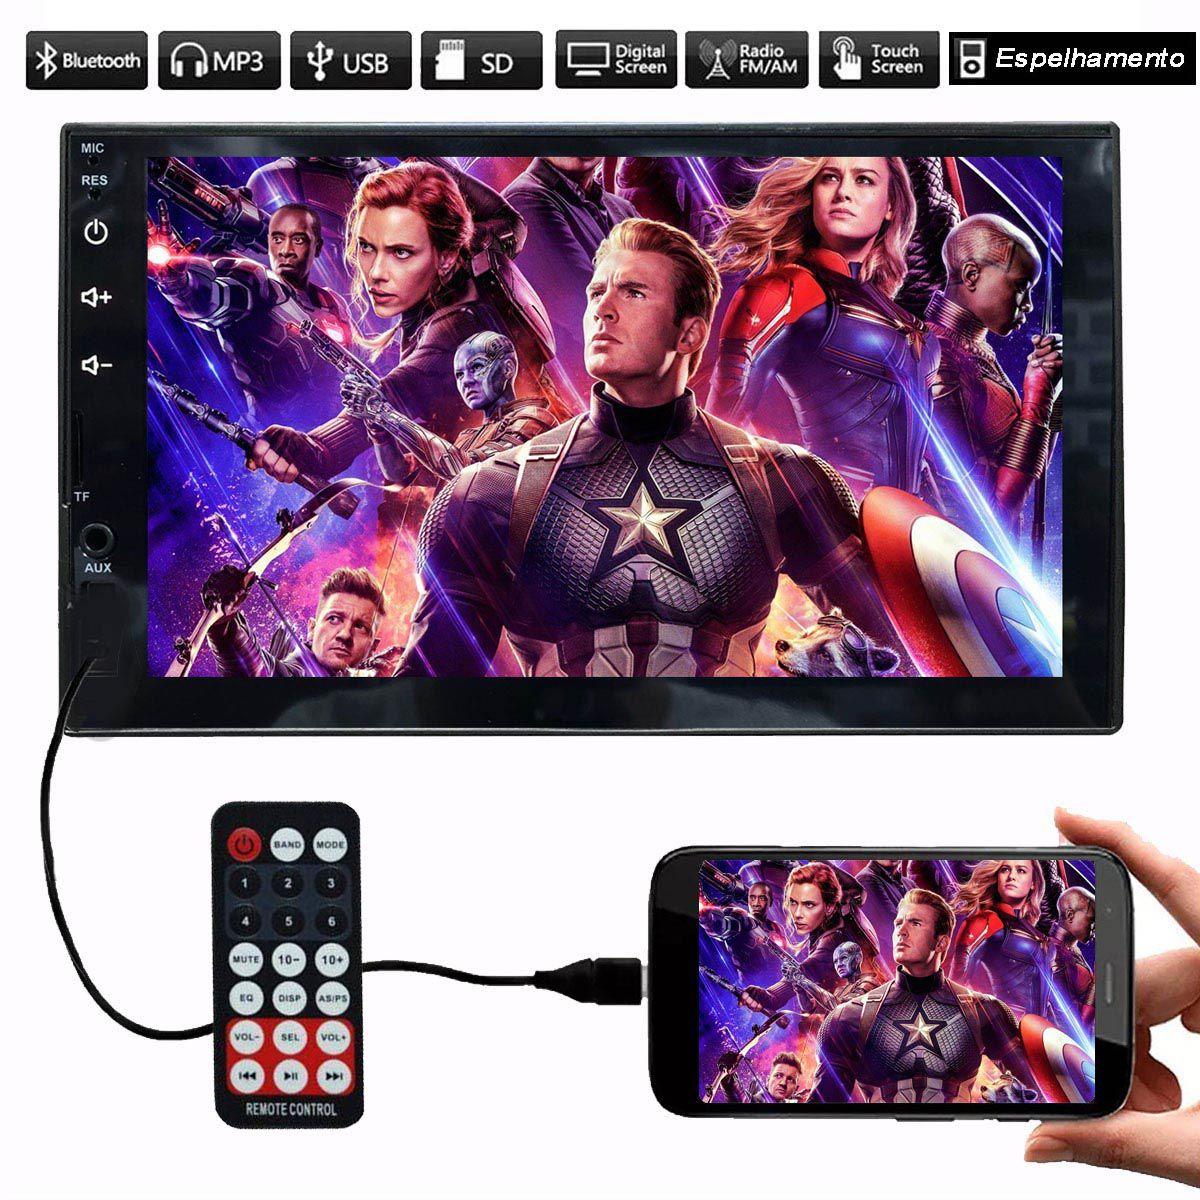 Som Multimidia First Option Mp5 Player 2Din 7 Polegadas Universal Espelhamento Celular Bluetooth Usb Sd Carro Automotivo Aparelho